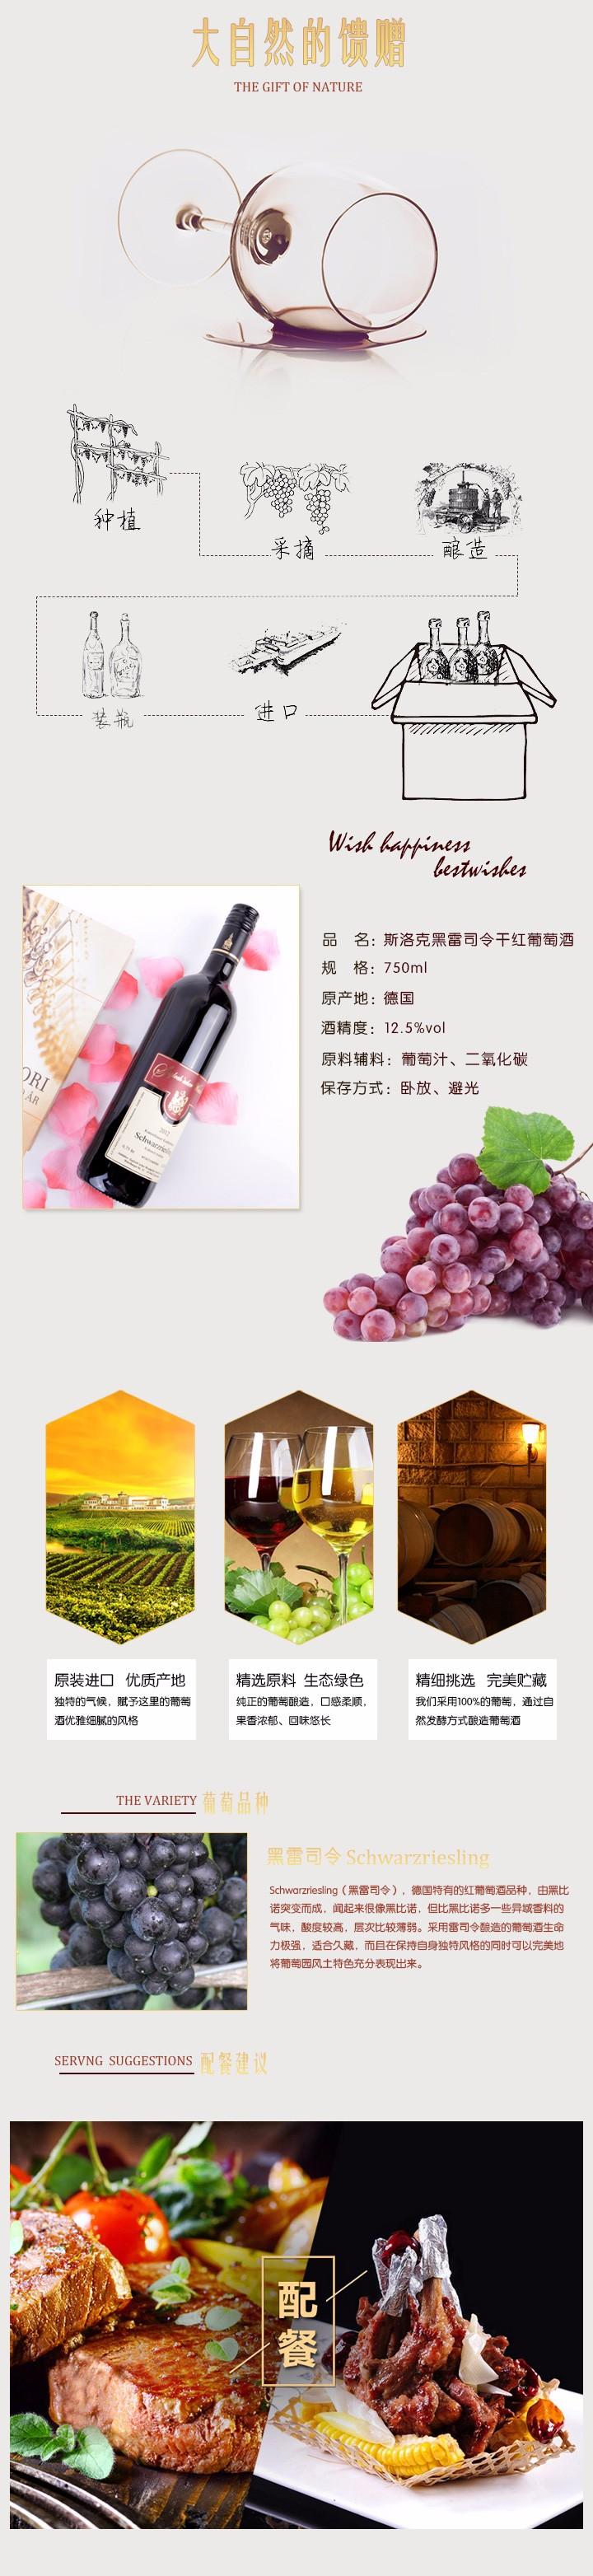 浅底红酒.jpg